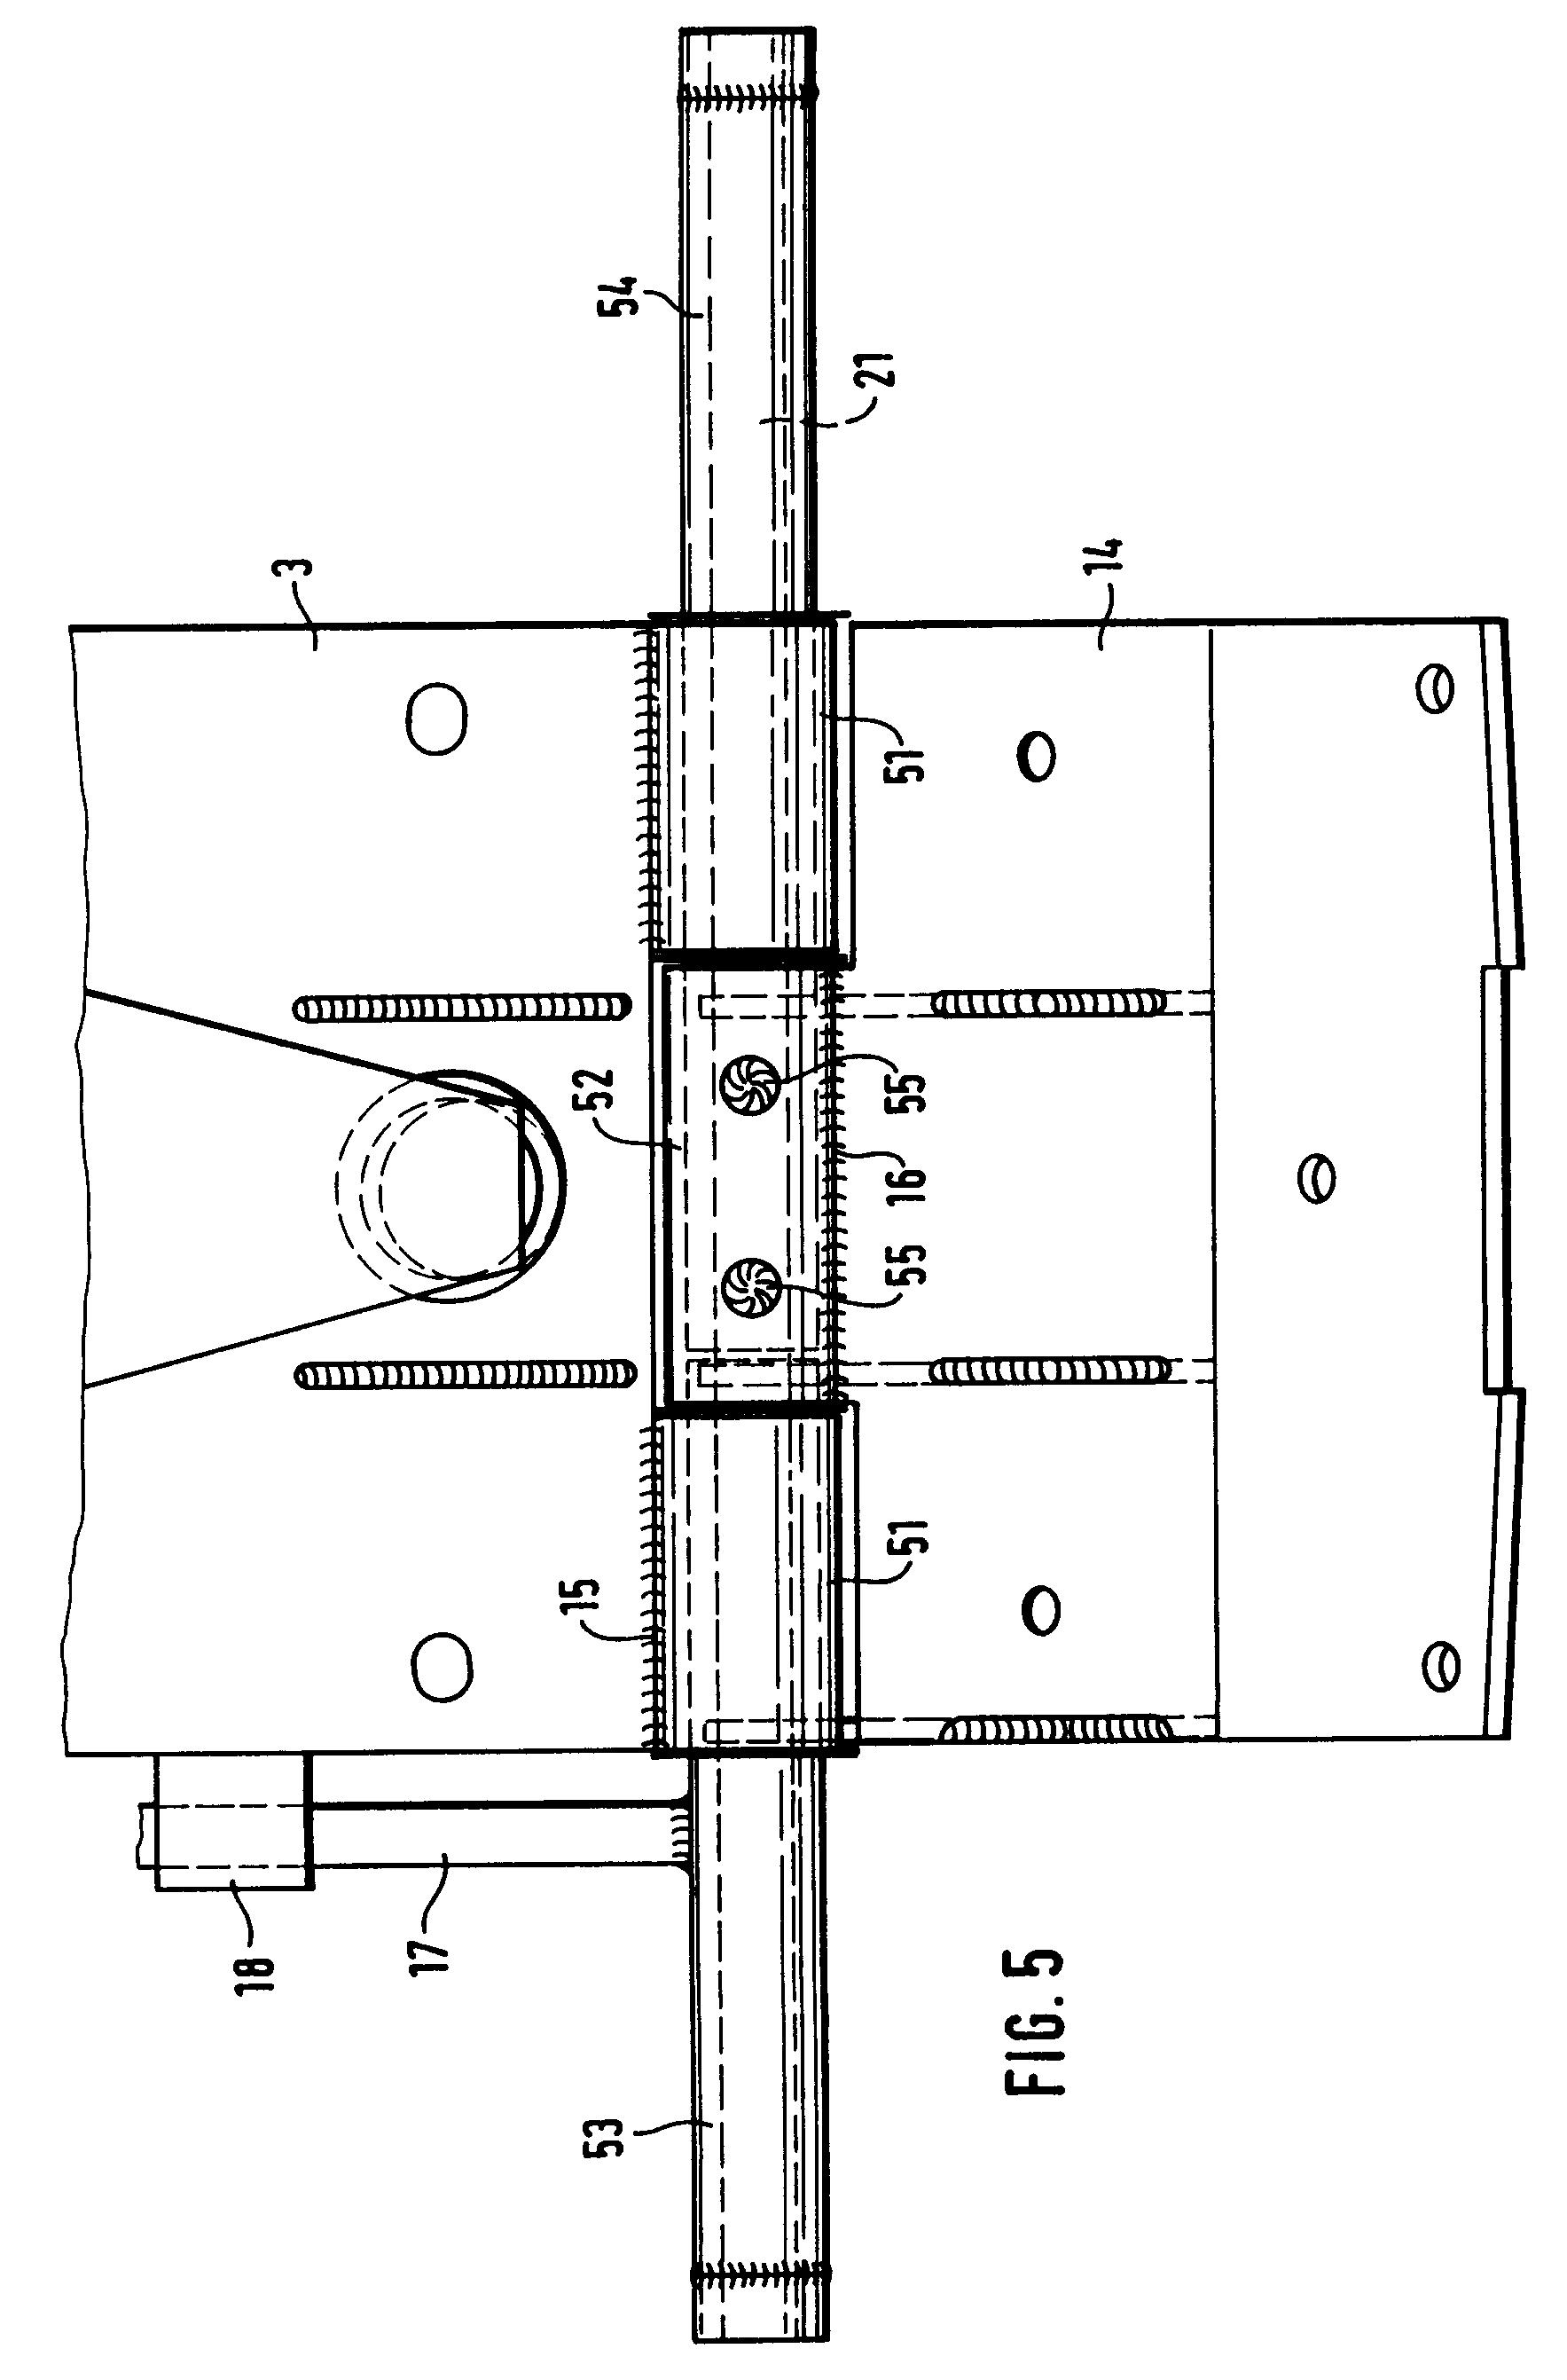 Patent ep0363833b1 sessel oder stuhl insbesondere for Stuhl design dwg